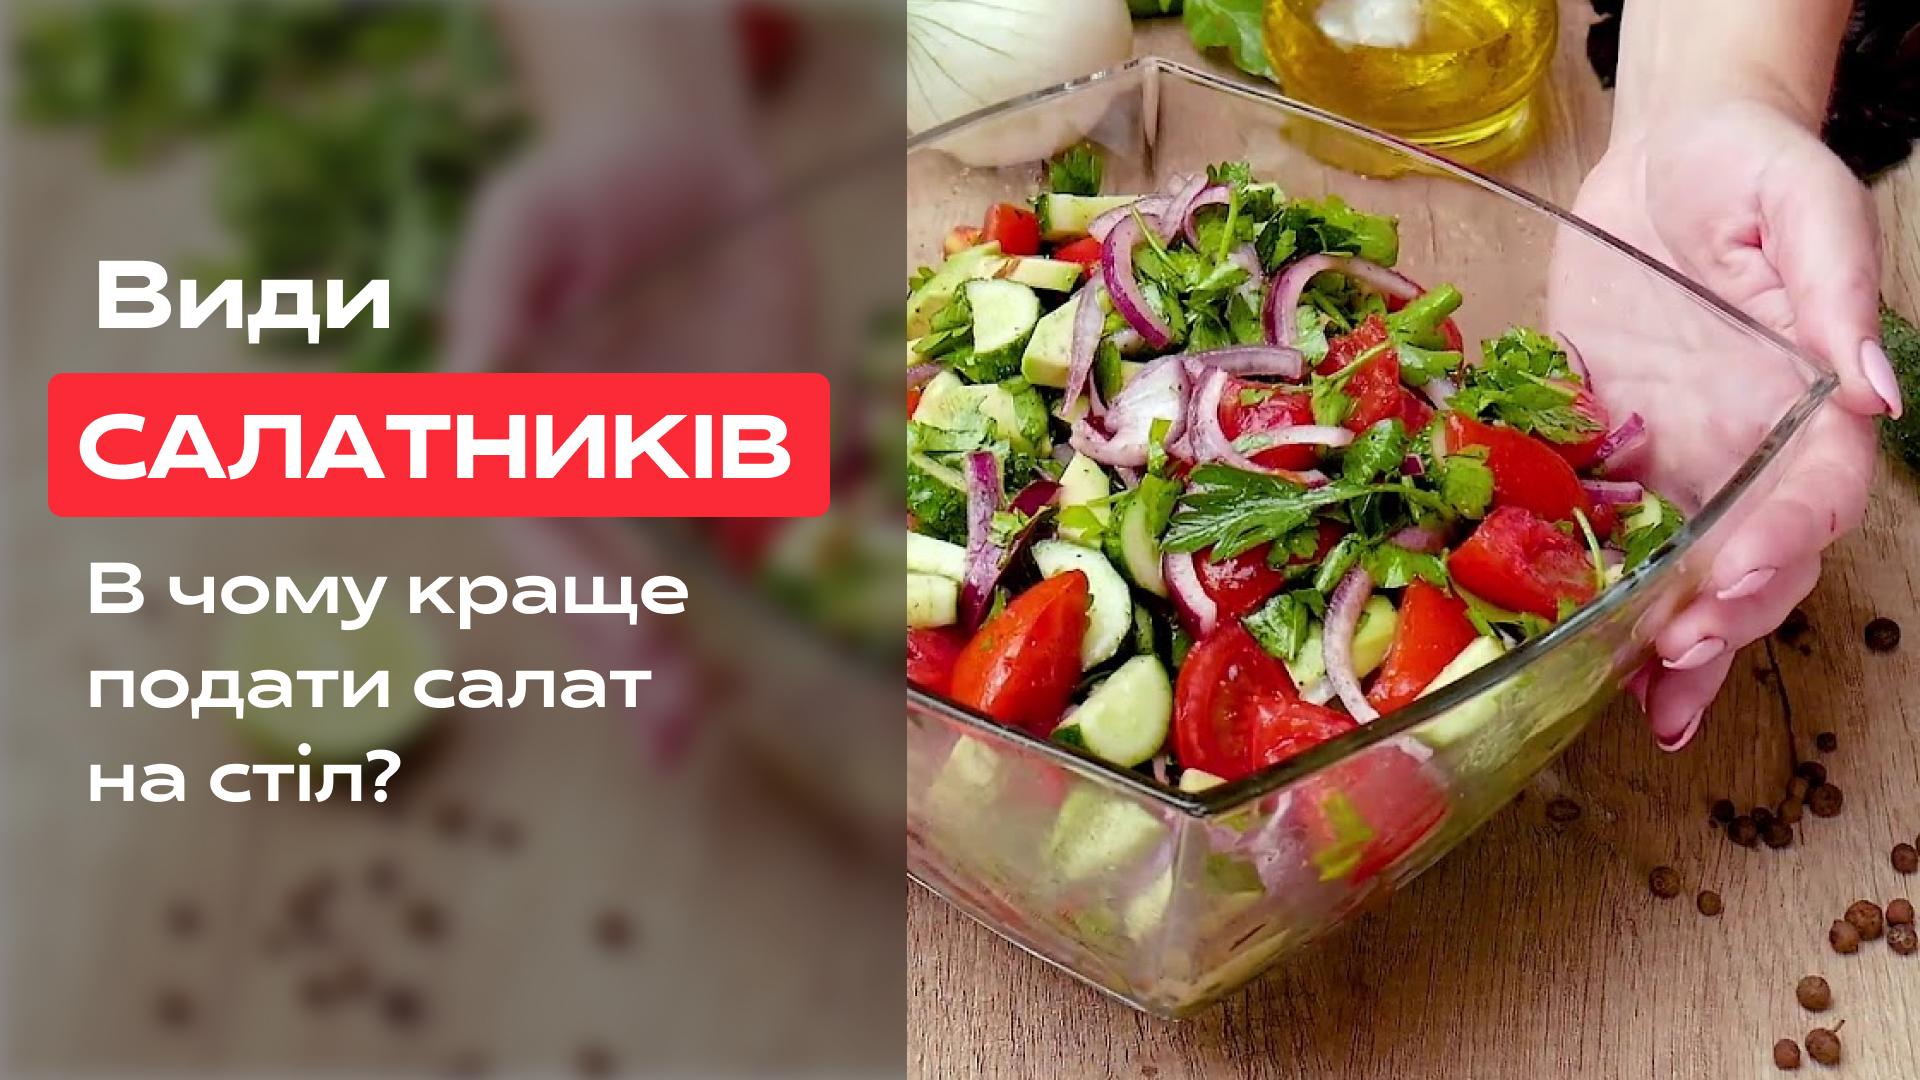 Виды салатников – в чем лучше подать салат на стол?